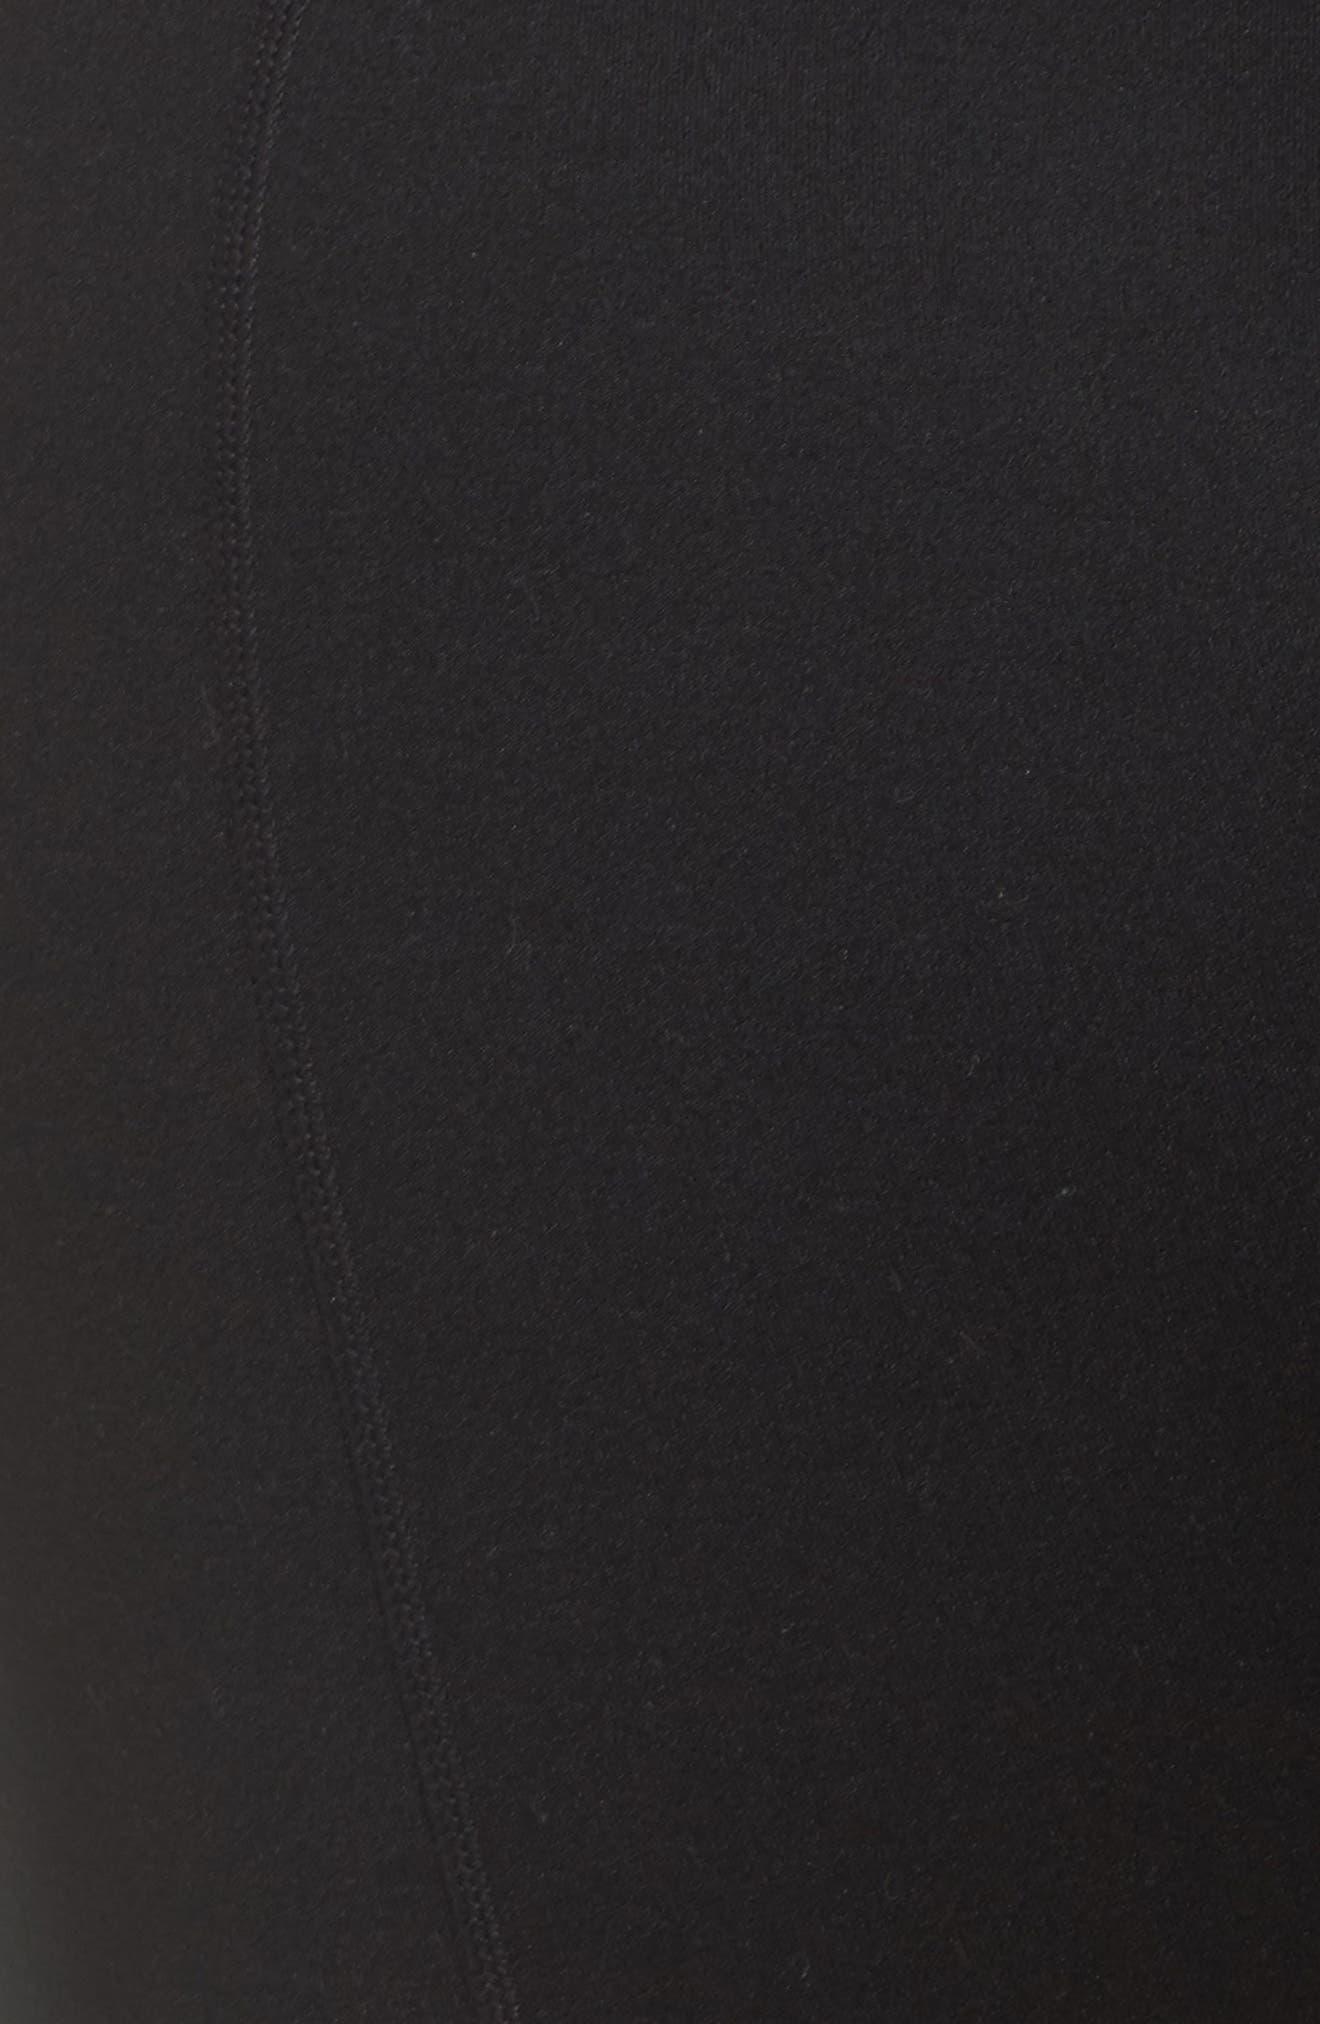 Vertigo High Waist Crop Leggings,                             Alternate thumbnail 5, color,                             501